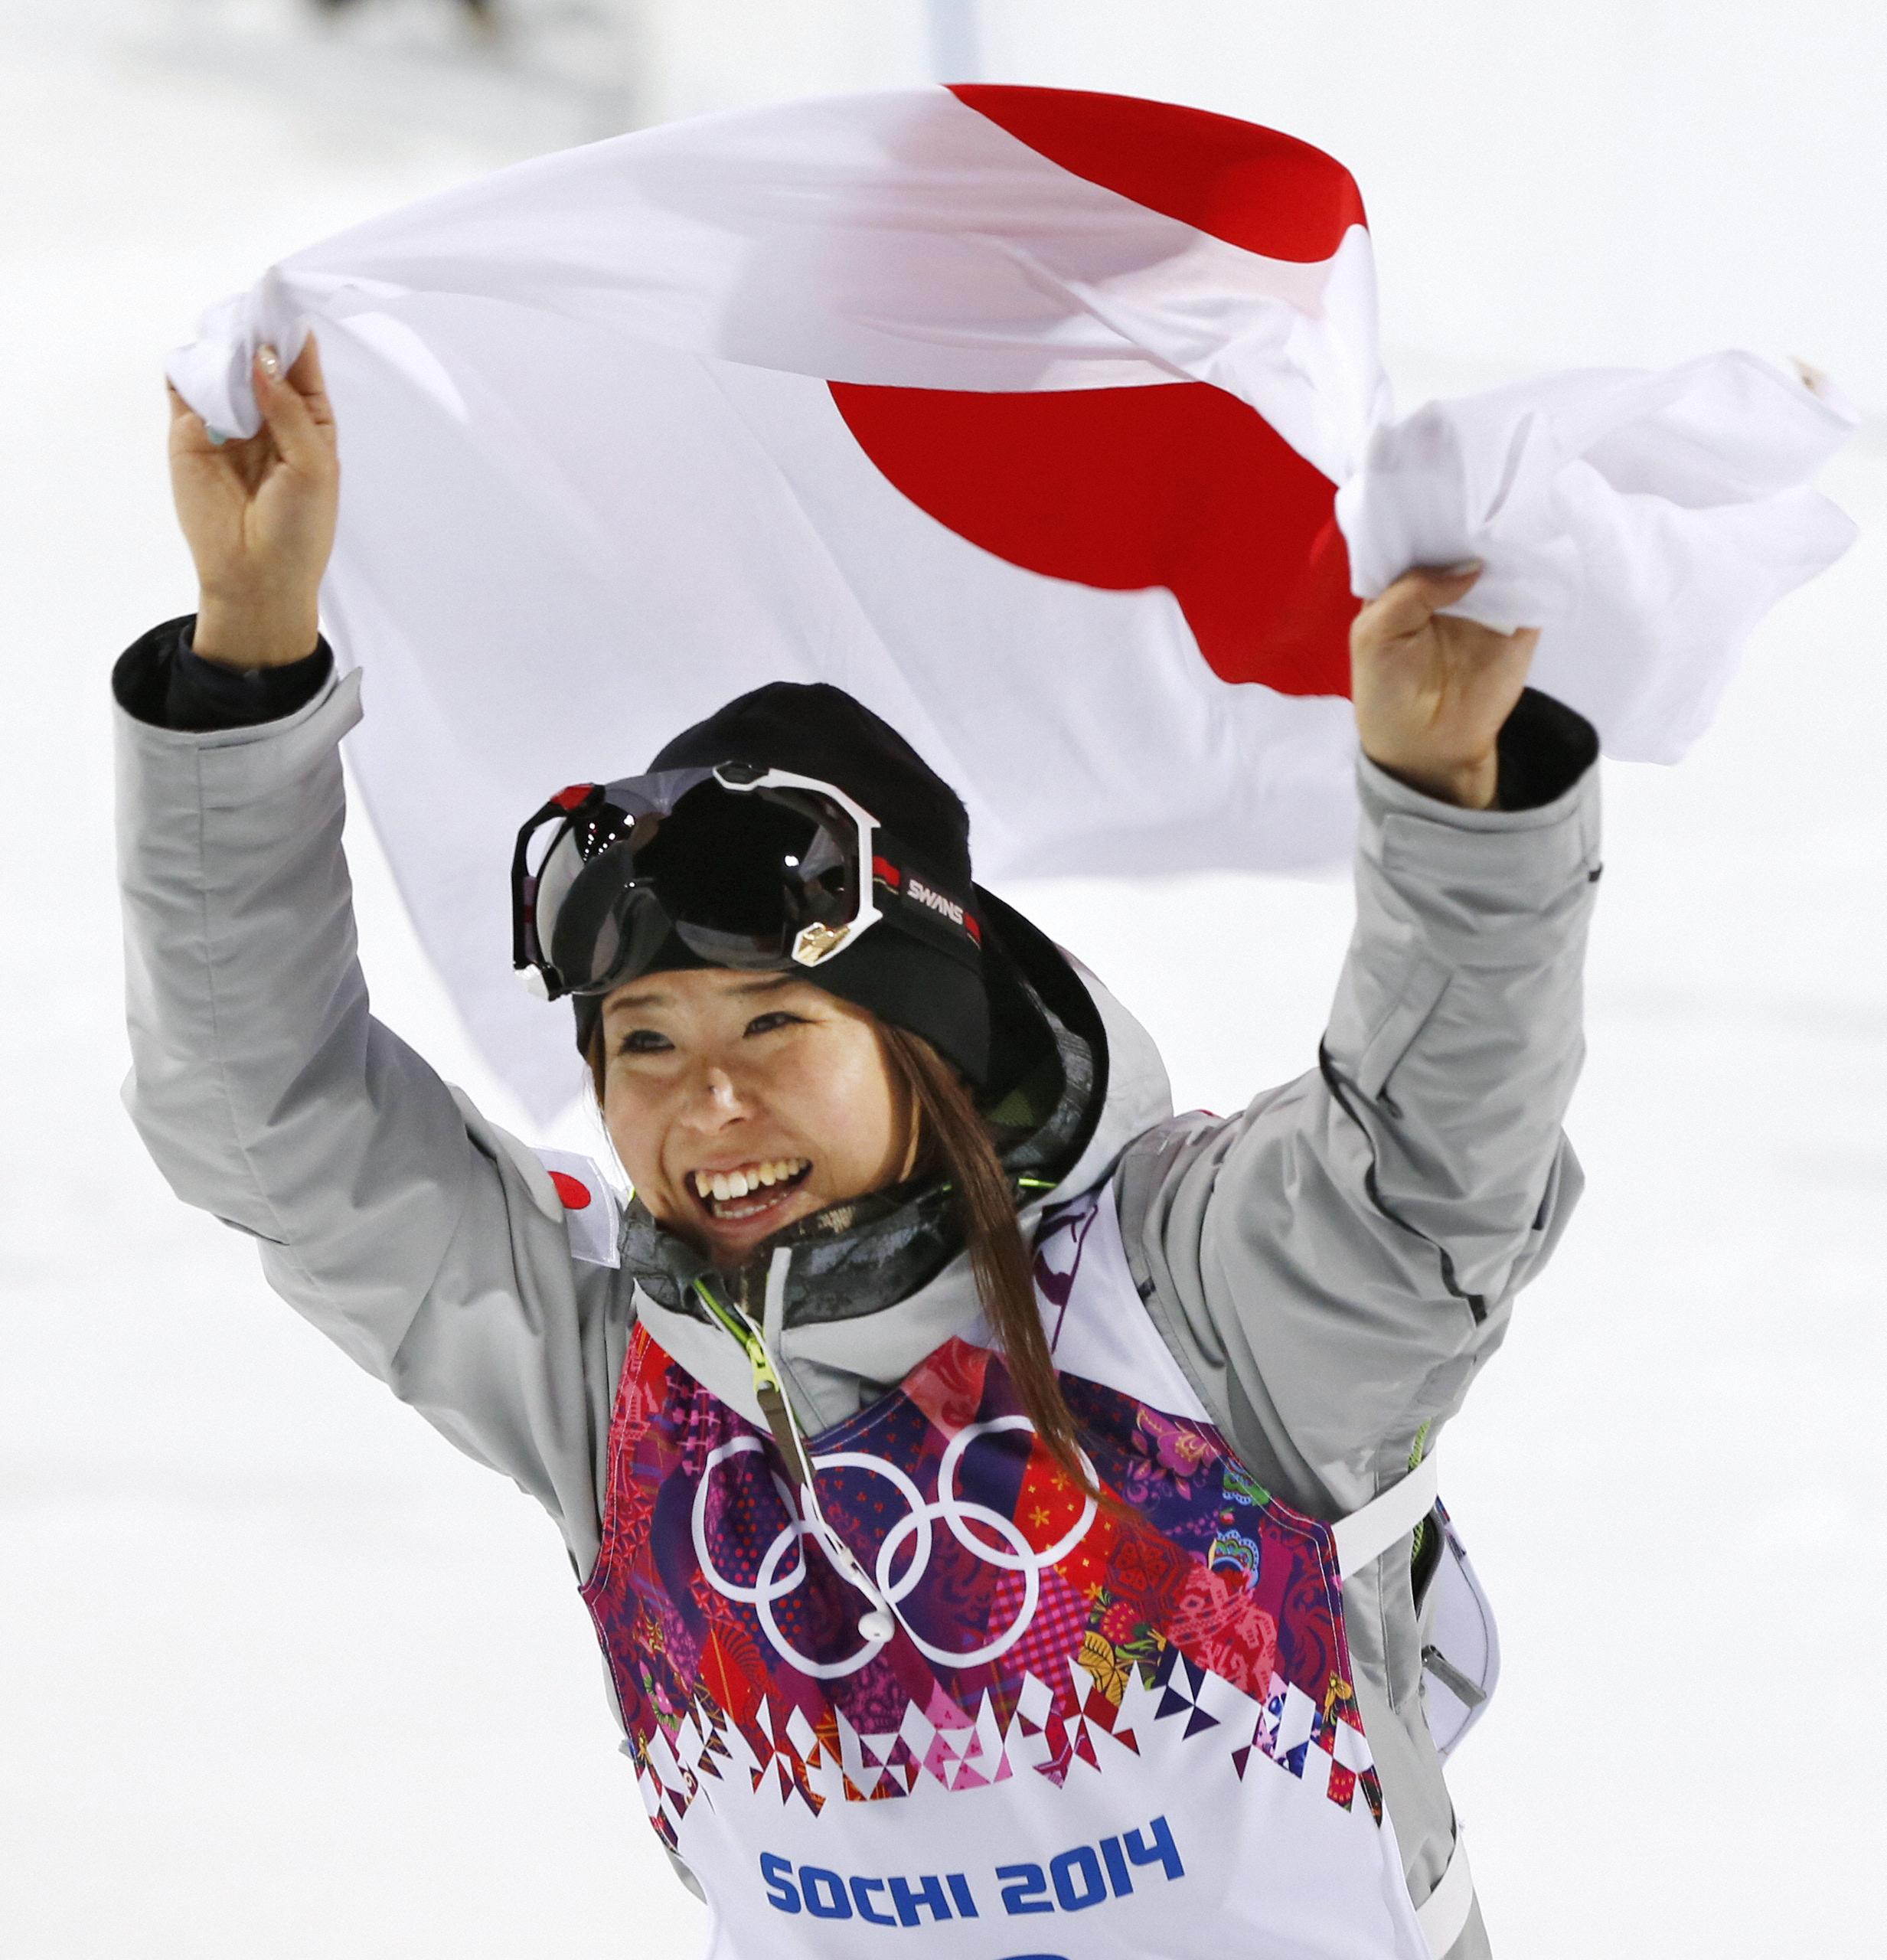 小野塚が銅メダル Fスキー女子ハーフパイプ 日本、海外最多のメダル8個に